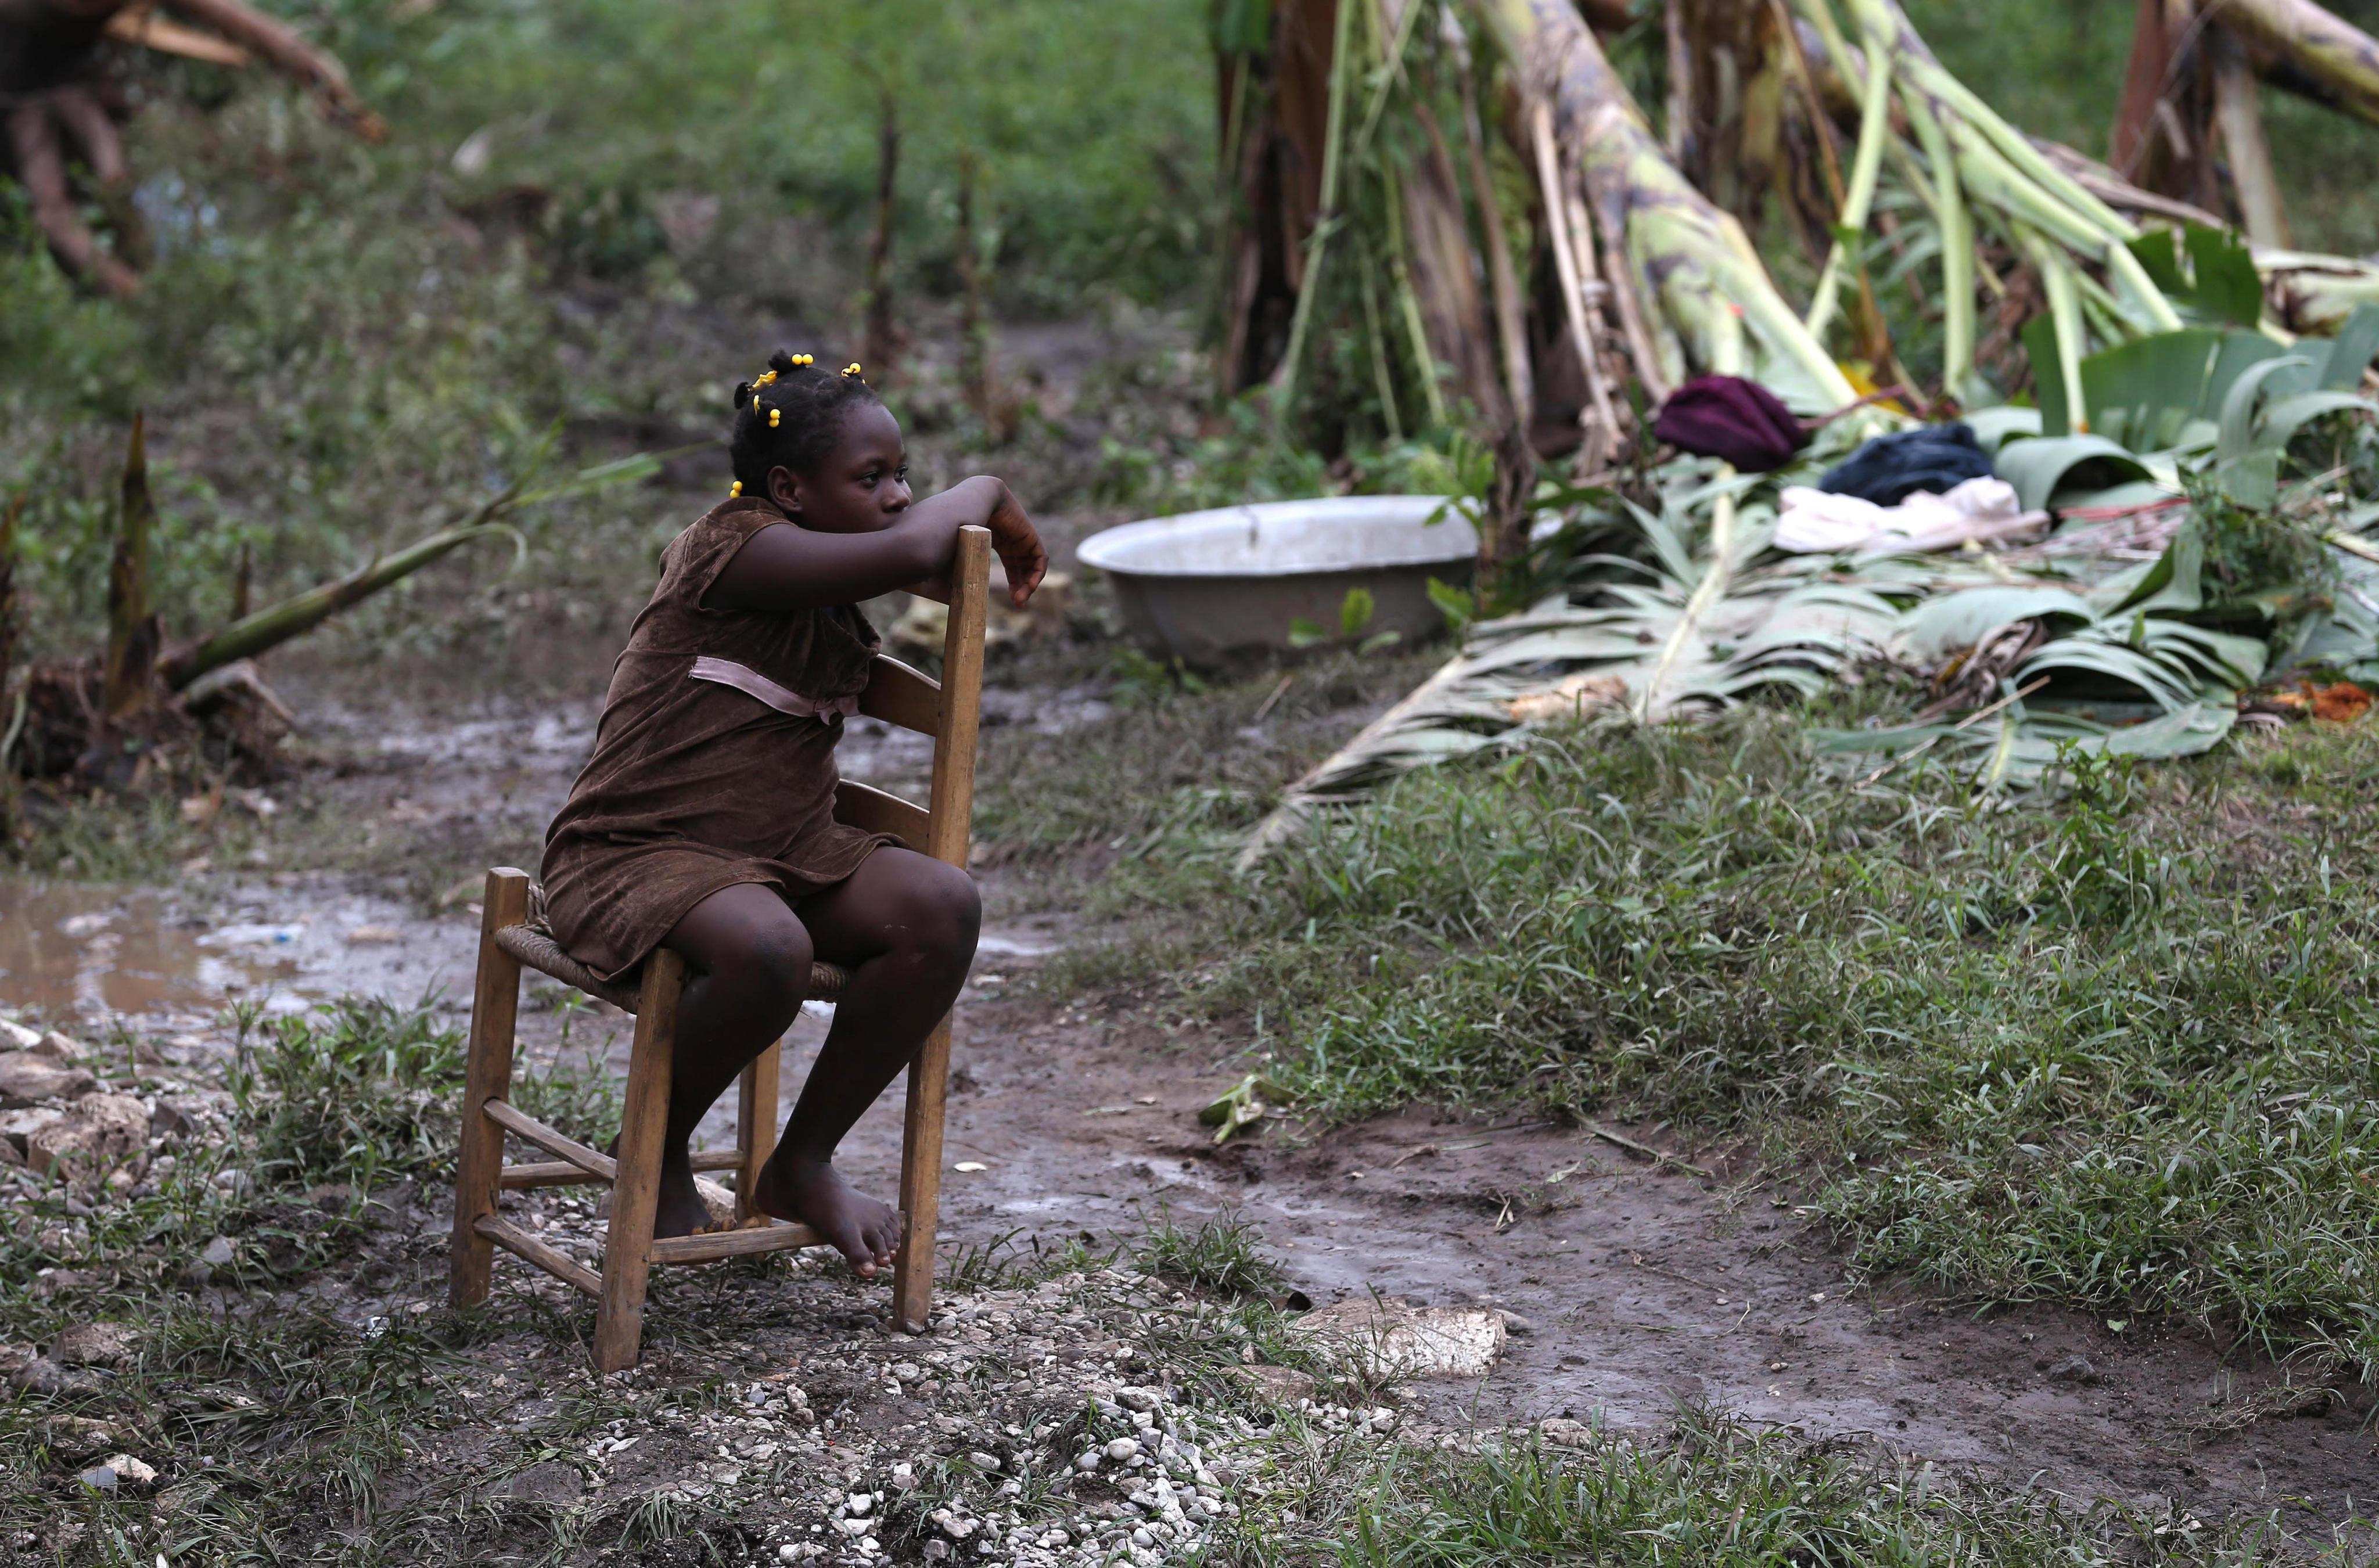 HAI21. LES CAYES (HAITI), 06/10/16.- Una niña es vista hoy, 6 de octubre de 2016, Bergeaud (Haití), tras el paso del huracán Matthew por la isla. Las autoridades de Protección Civil de Haití informaron hoy que aumentó a 264 el número de personas fallecidas como consecuencia del huracán Matthew, que el martes pasado azotó el empobrecido país. EFE/Orlando Barría